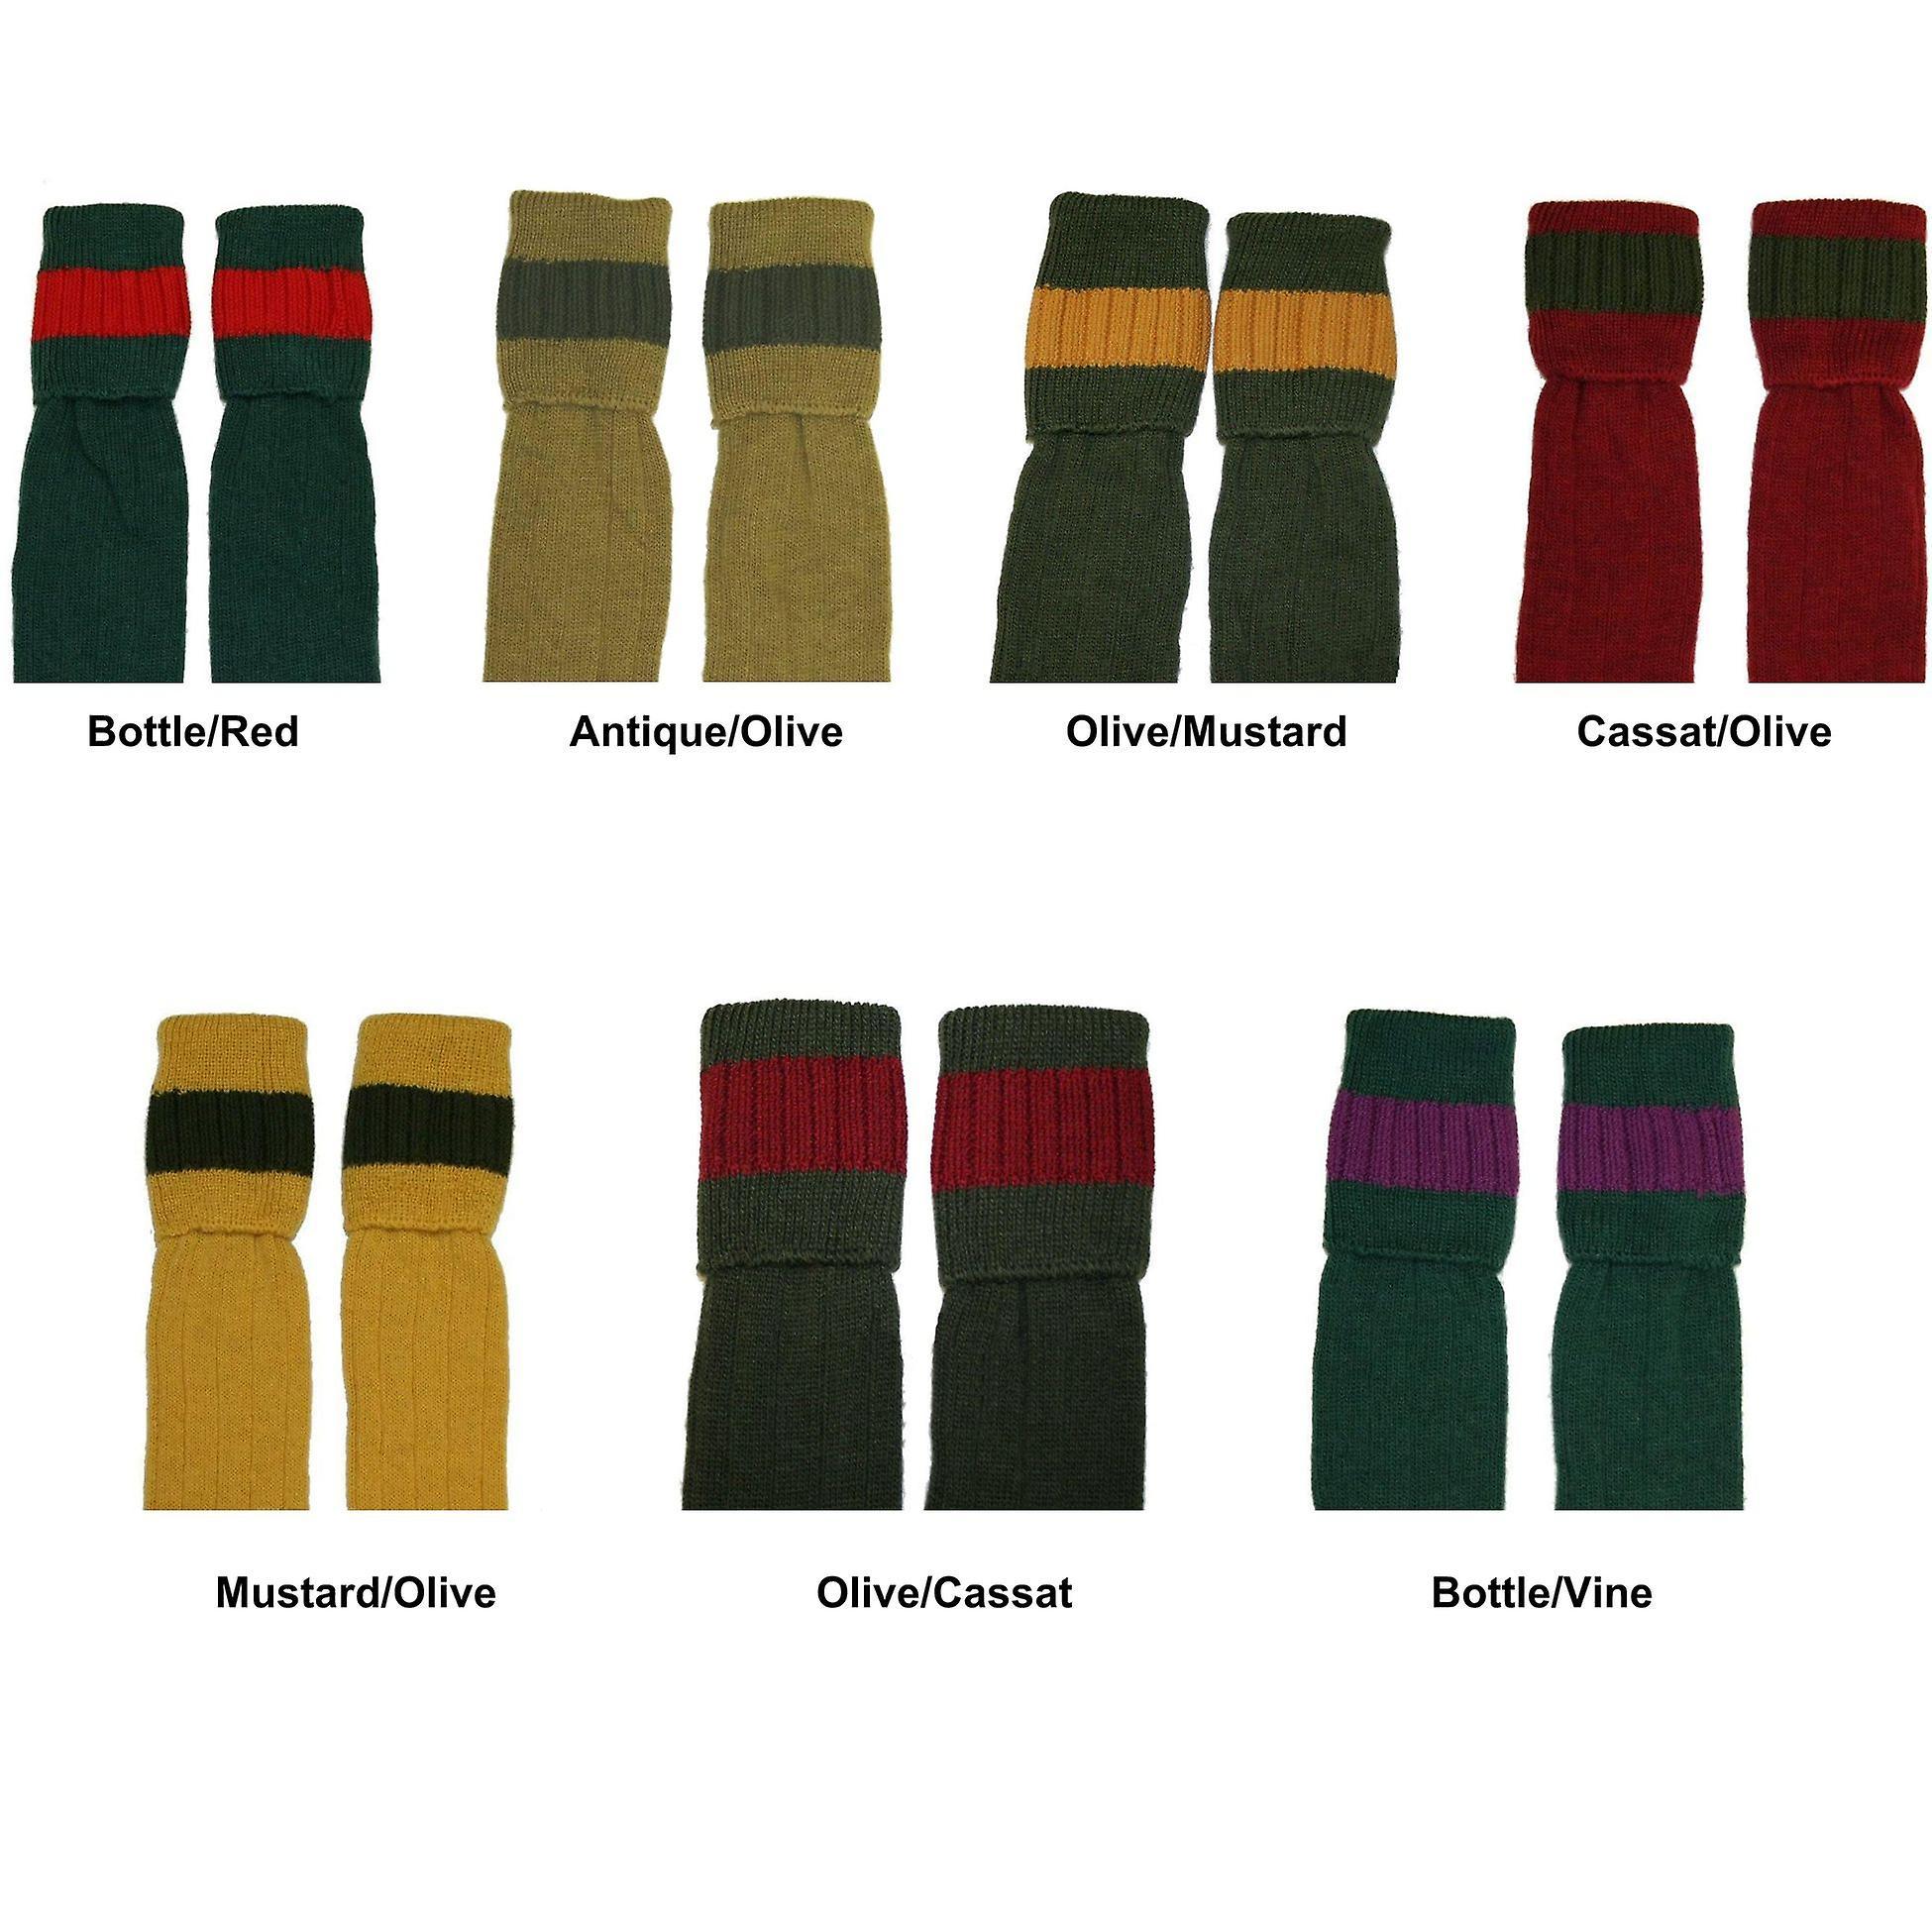 Bisley schießen Socken - warme Wolle gepolstert Fuß traditionelle Jagd Strümpfe